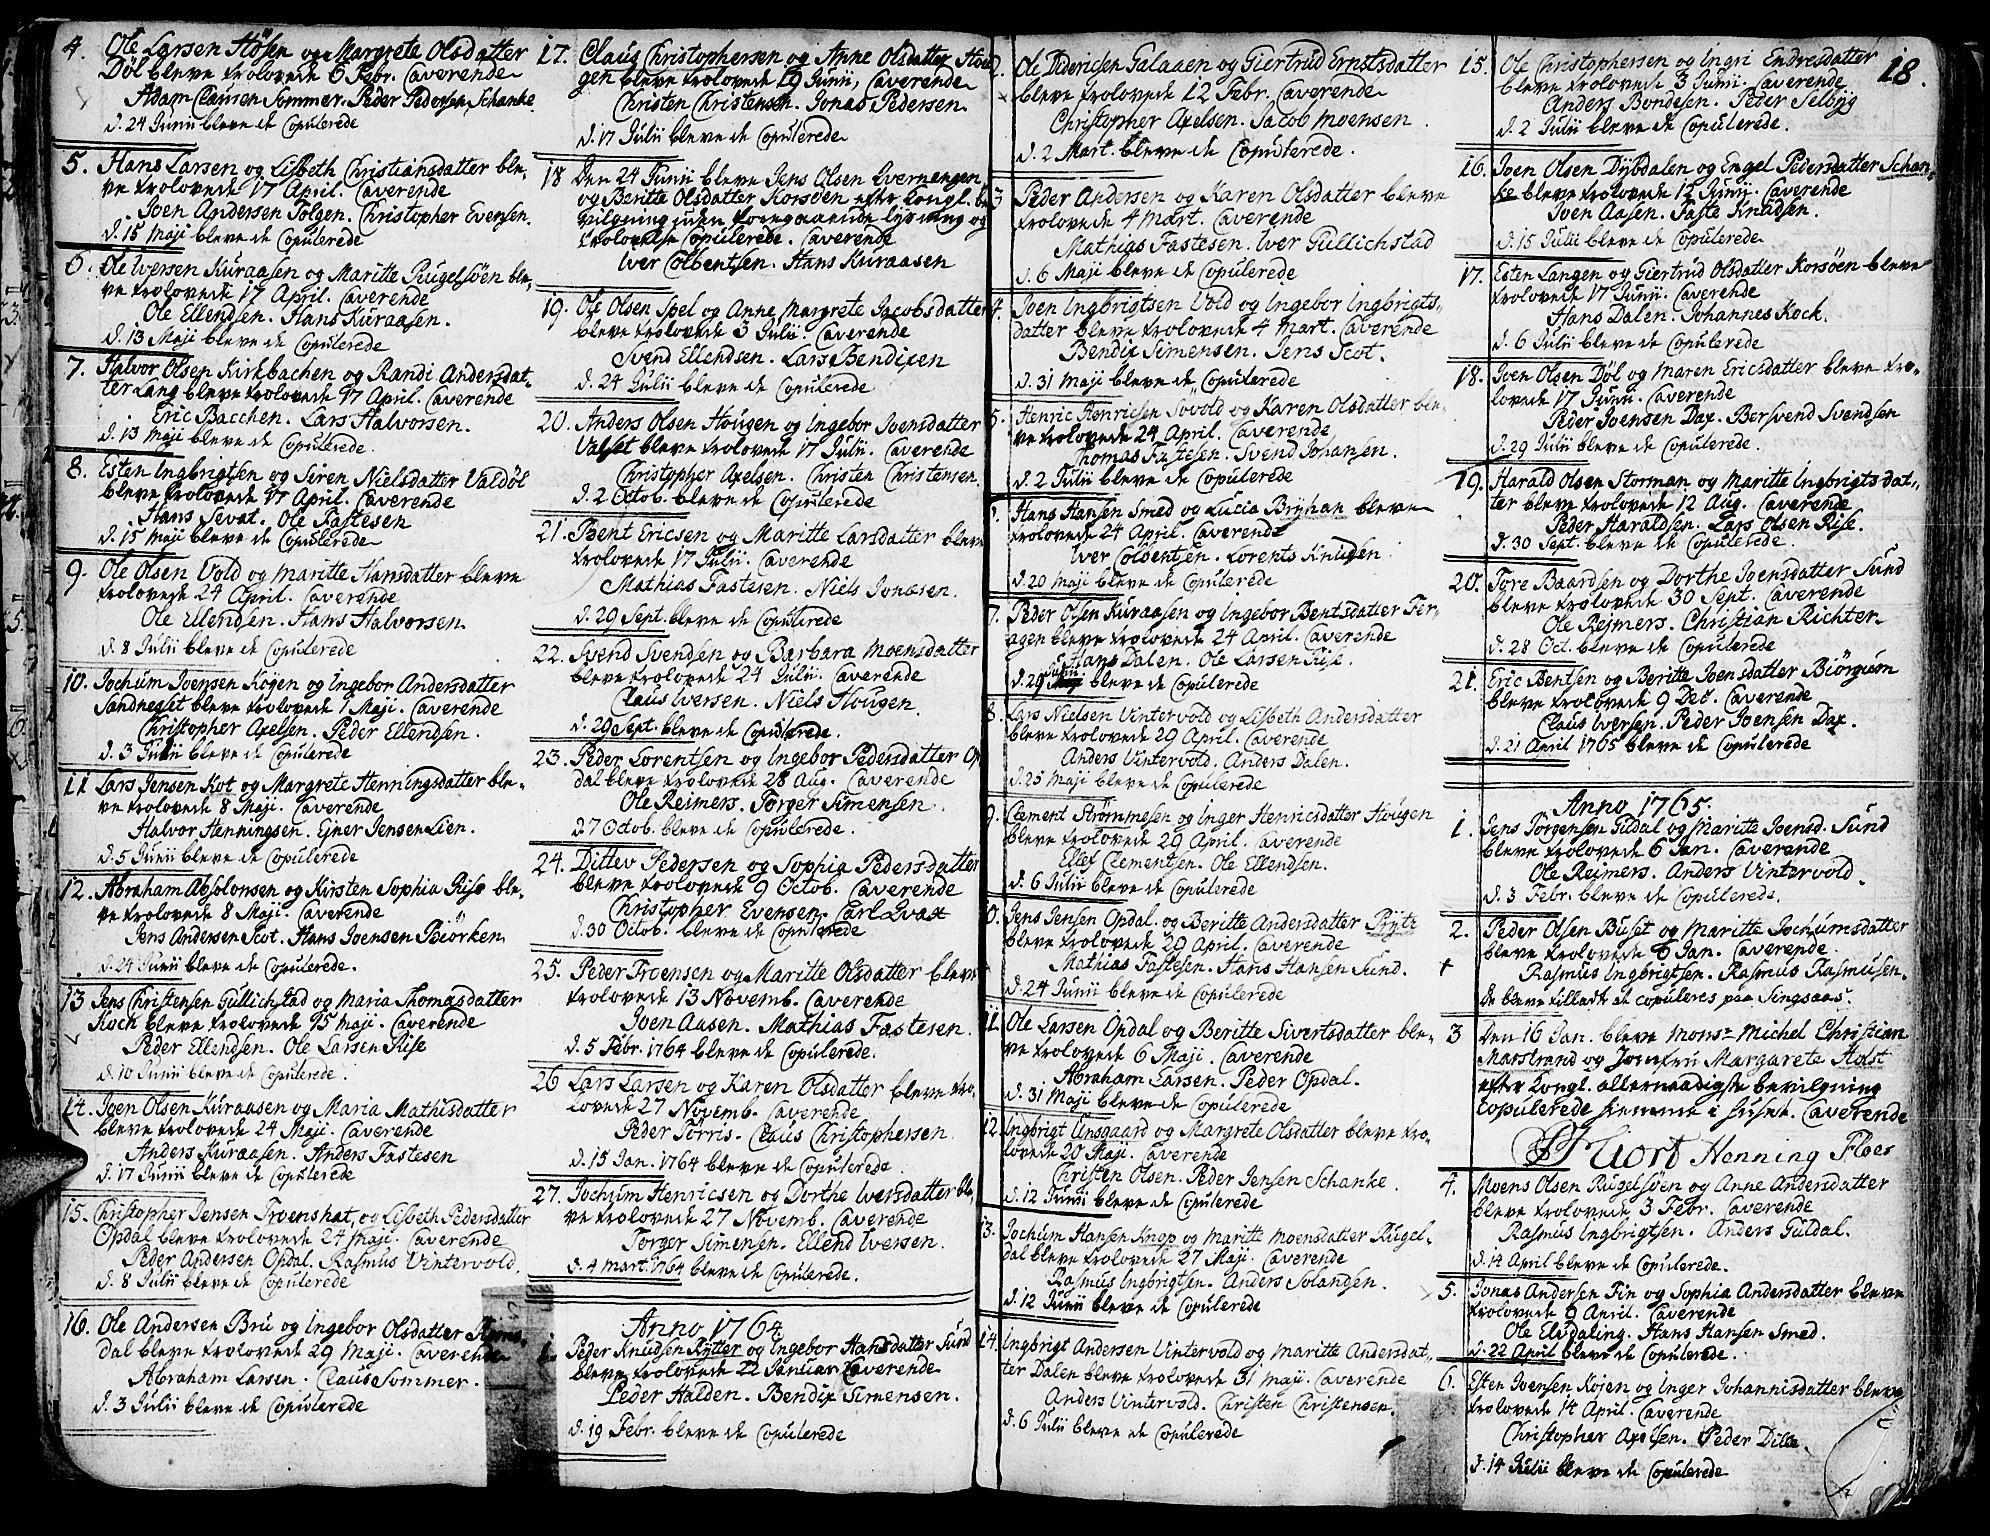 SAT, Ministerialprotokoller, klokkerbøker og fødselsregistre - Sør-Trøndelag, 681/L0925: Ministerialbok nr. 681A03, 1727-1766, s. 18